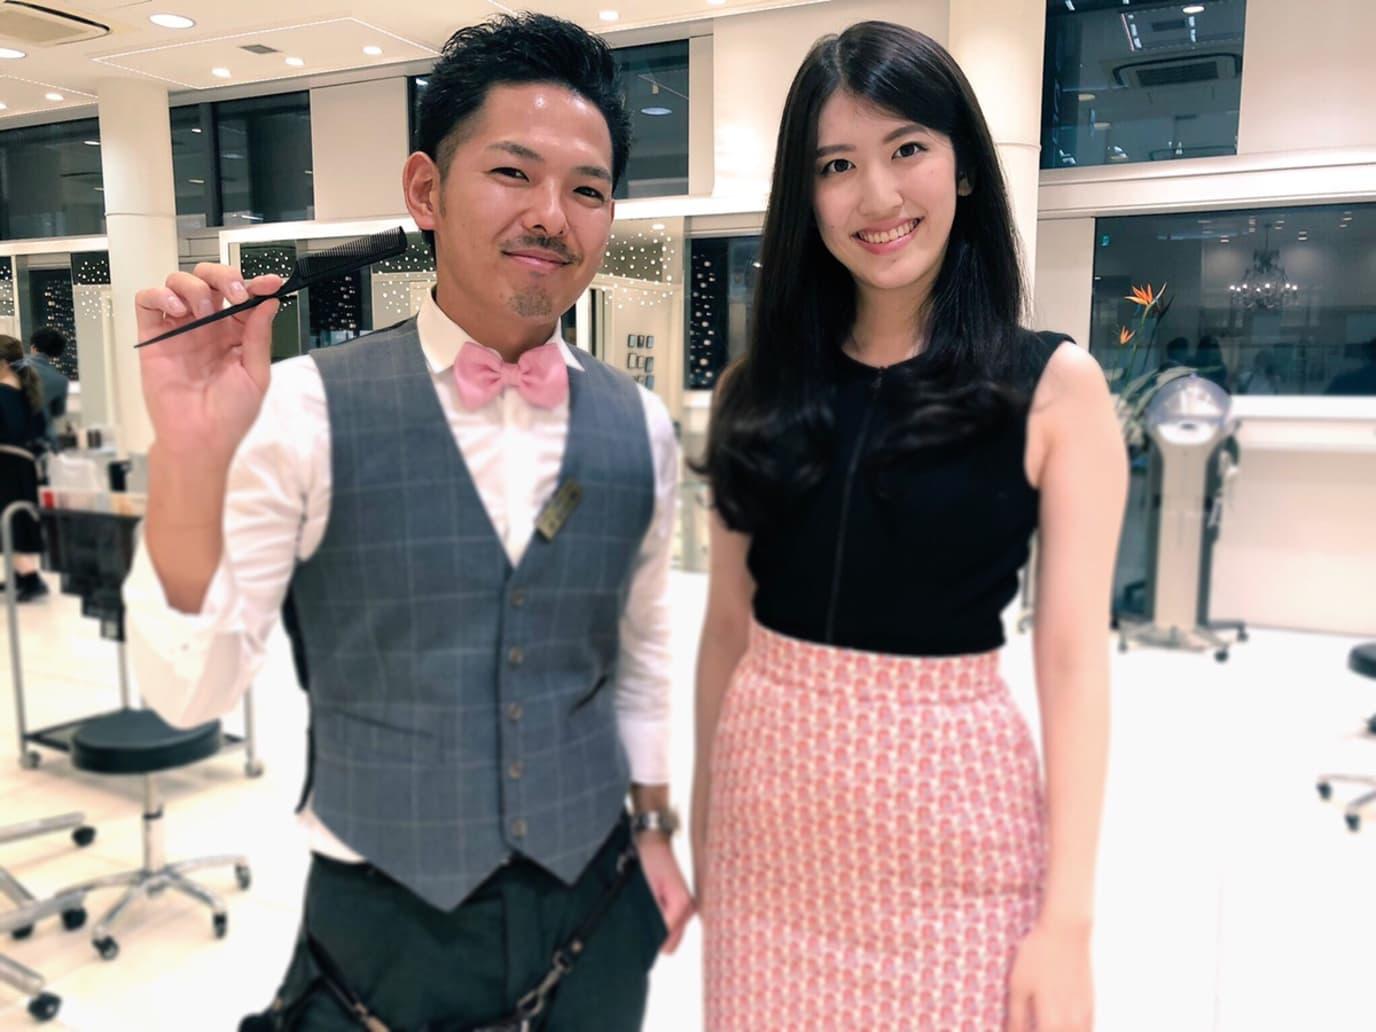 ミスインターナショナル日本代表の杉本雛乃ちゃんに髪質改善縮毛矯正とイルミナカラーしてみた。